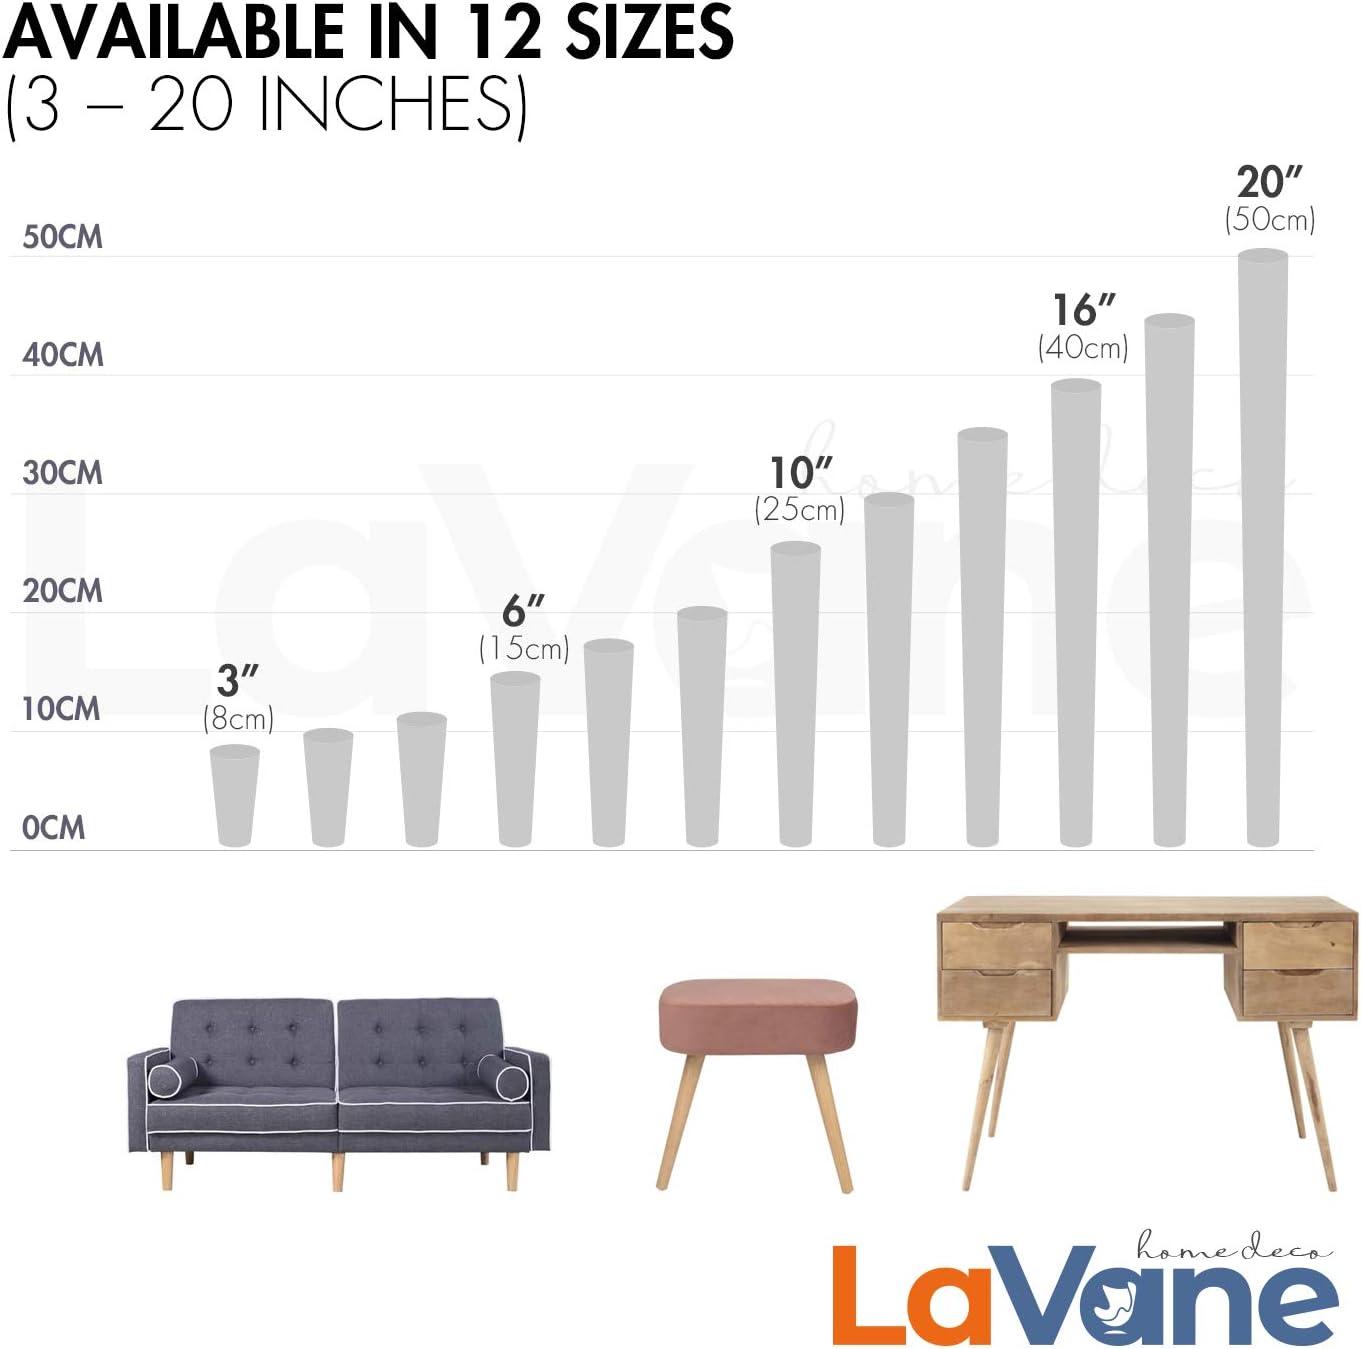 lit La Vane Lot de 4 pieds de meubles en bois massif avec plaque de montage et vis pour canap/é TV table /à manger